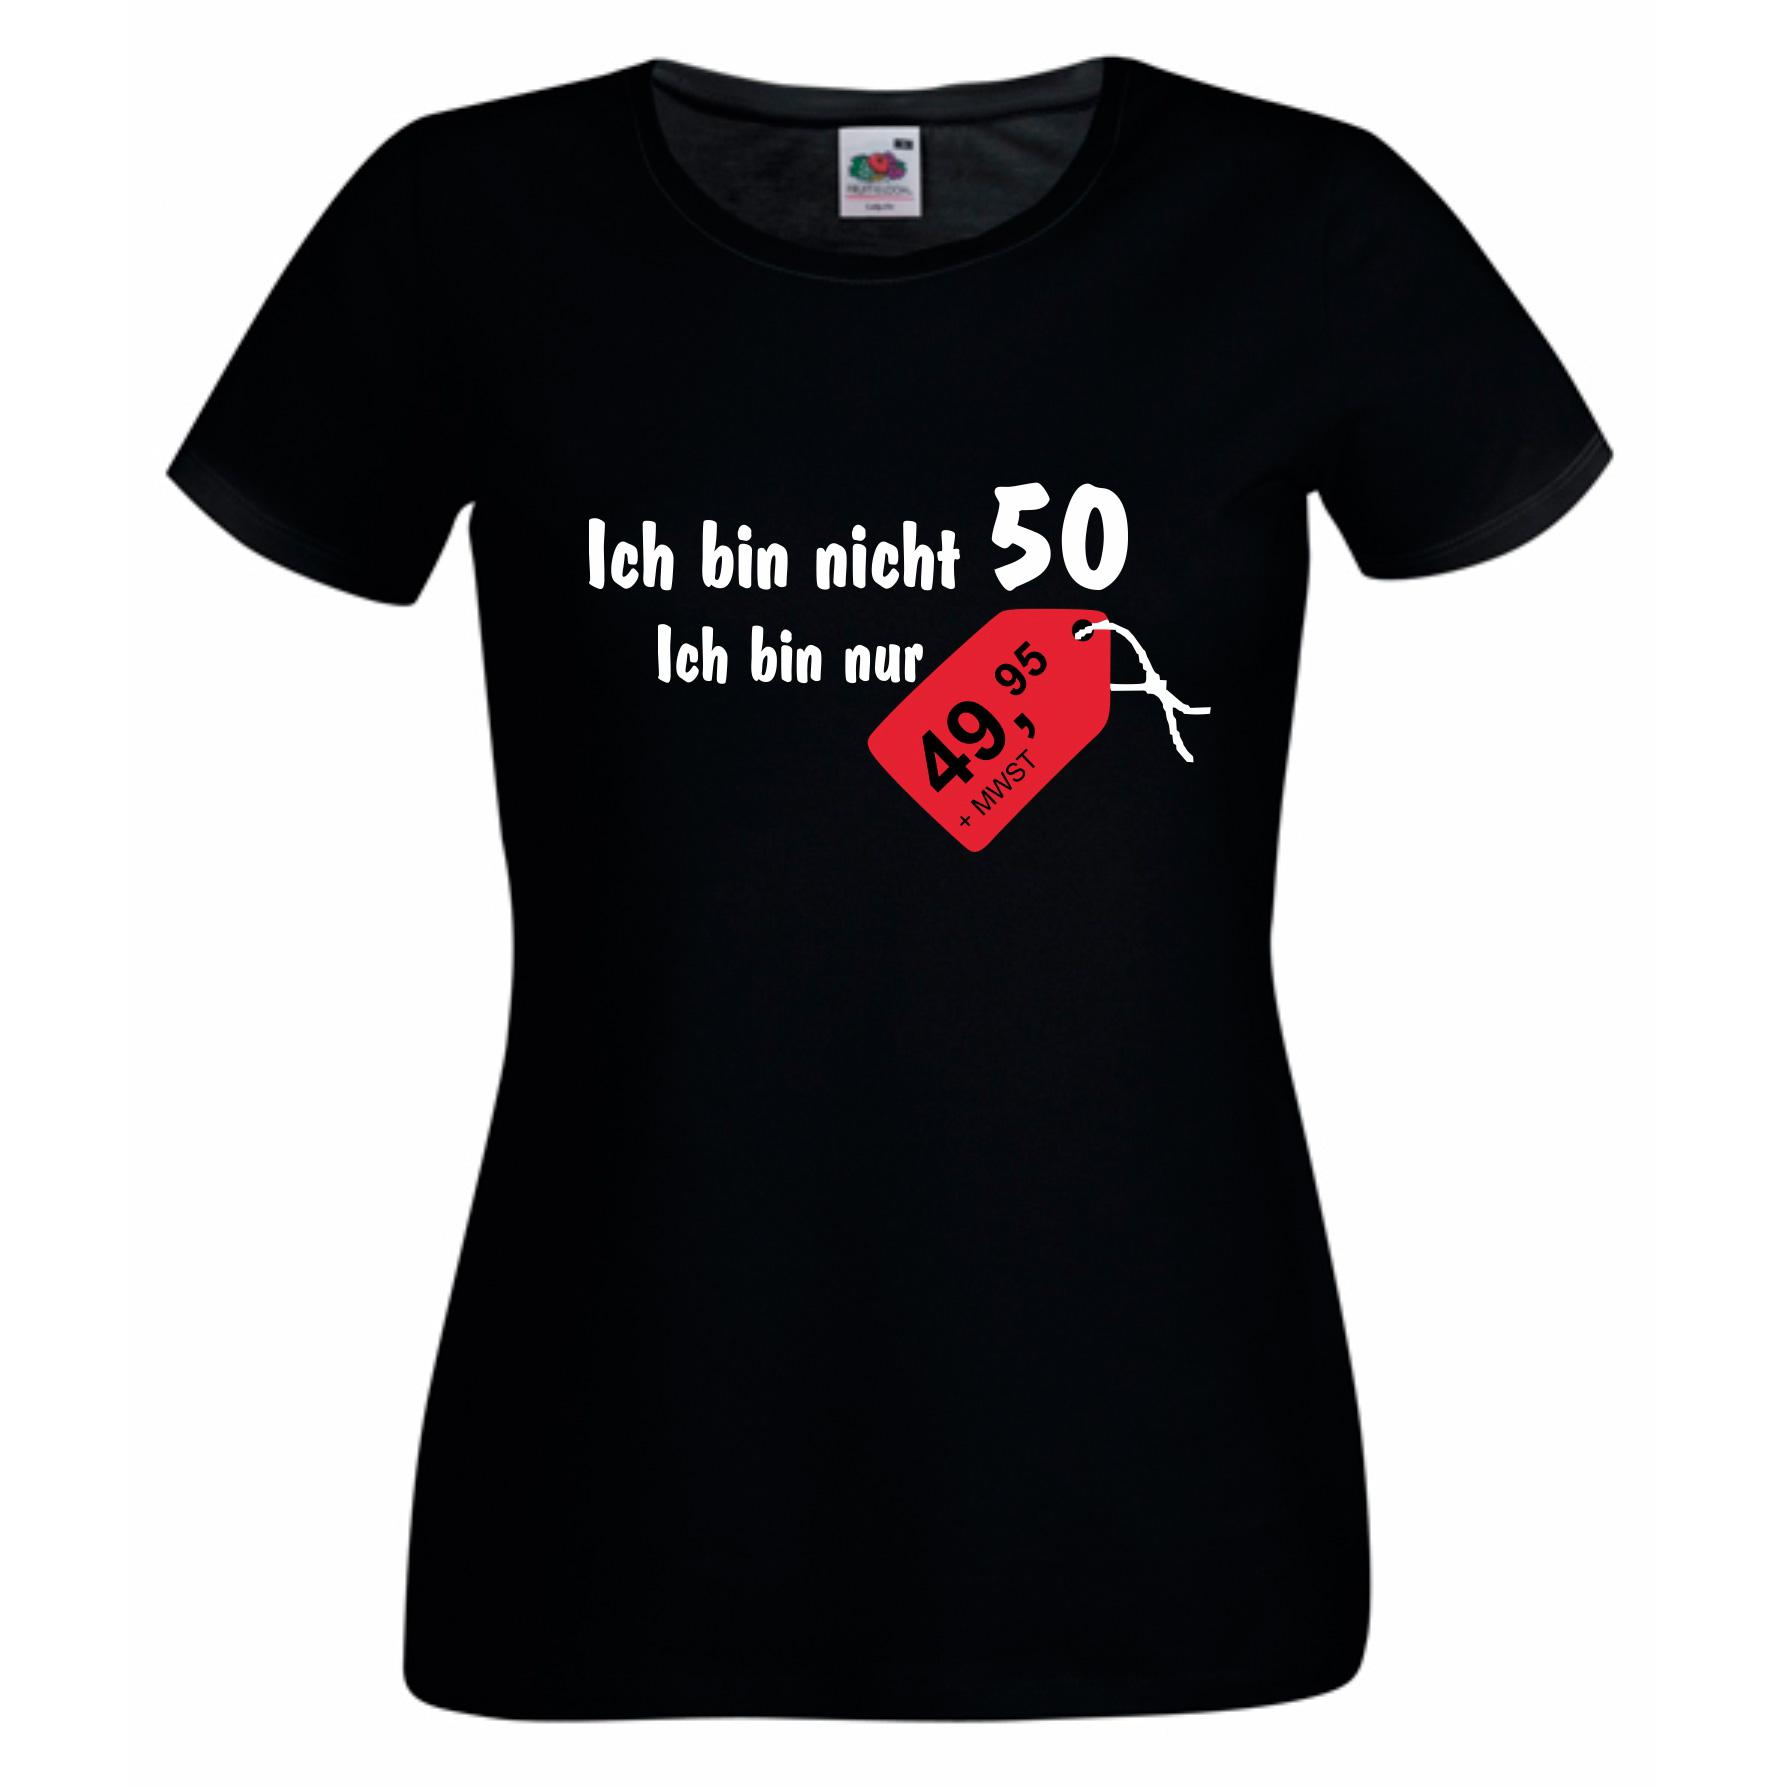 Sportshirt langarm Damen online kaufen bei Karstadt Sports